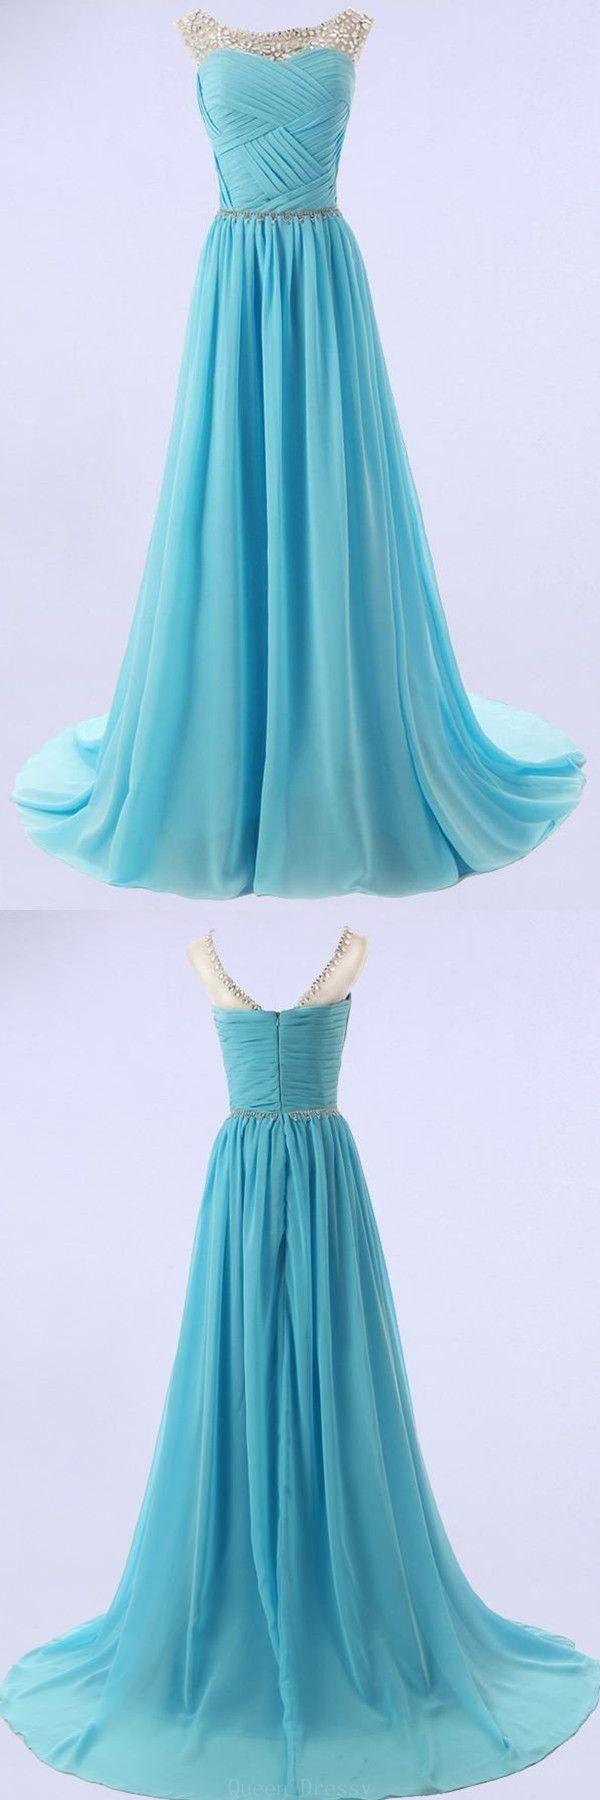 Luxurious prom dresses aline elegant aline scoop bridesmaidprom